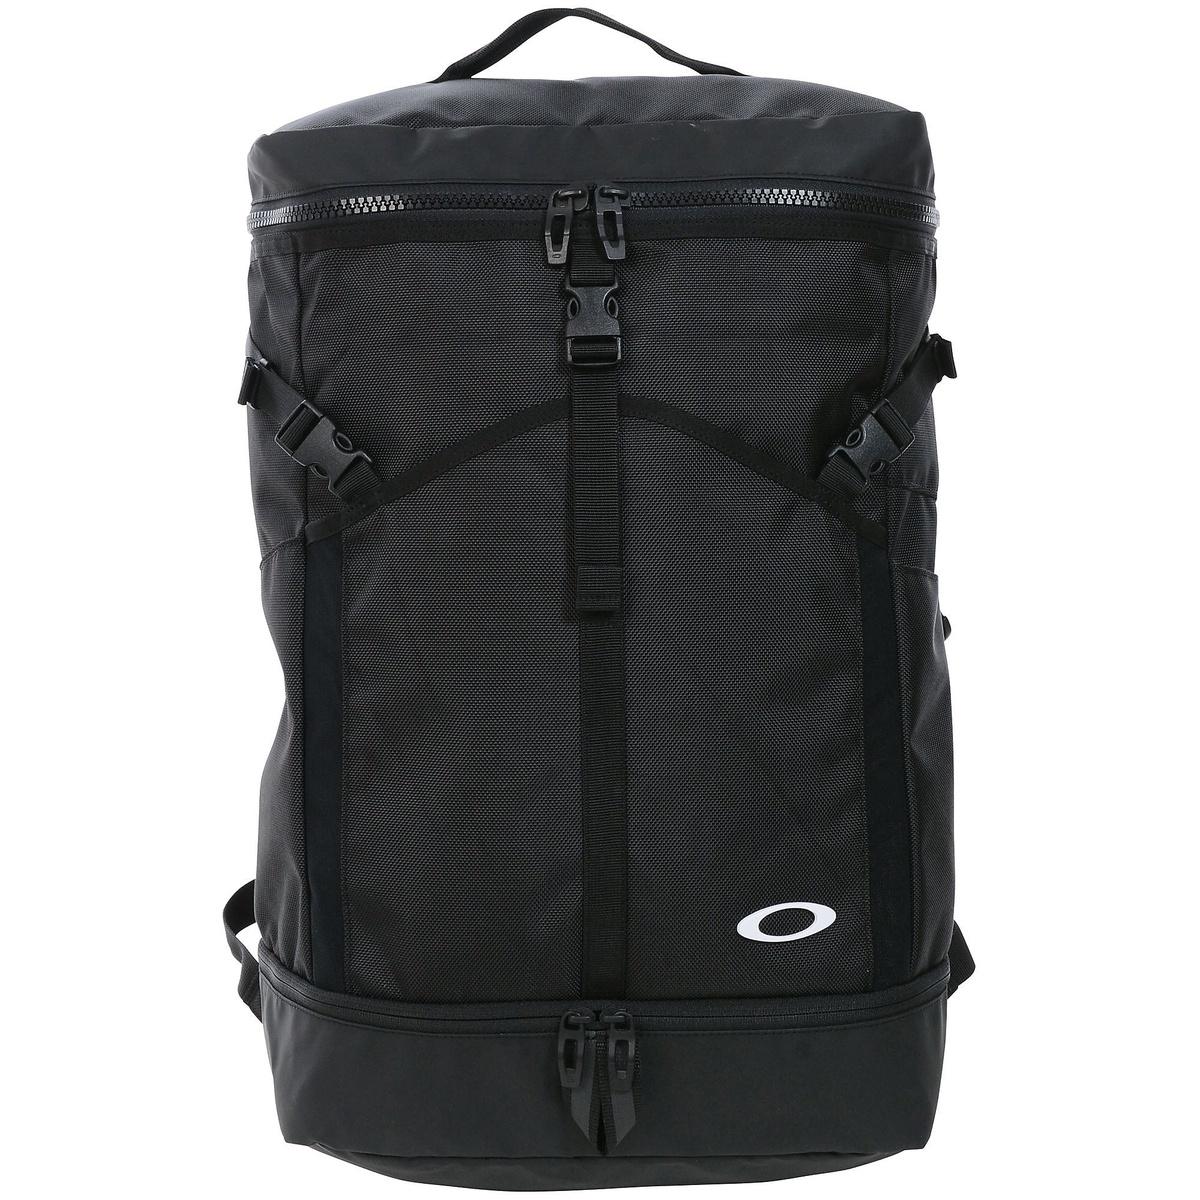 【送料無料】 OAKLEY(オークリー) スポーツアクセサリー バッグパック ESSENTIAL BOX PACK L 2.0 メンズ BLACKOUT 921382JP-02E